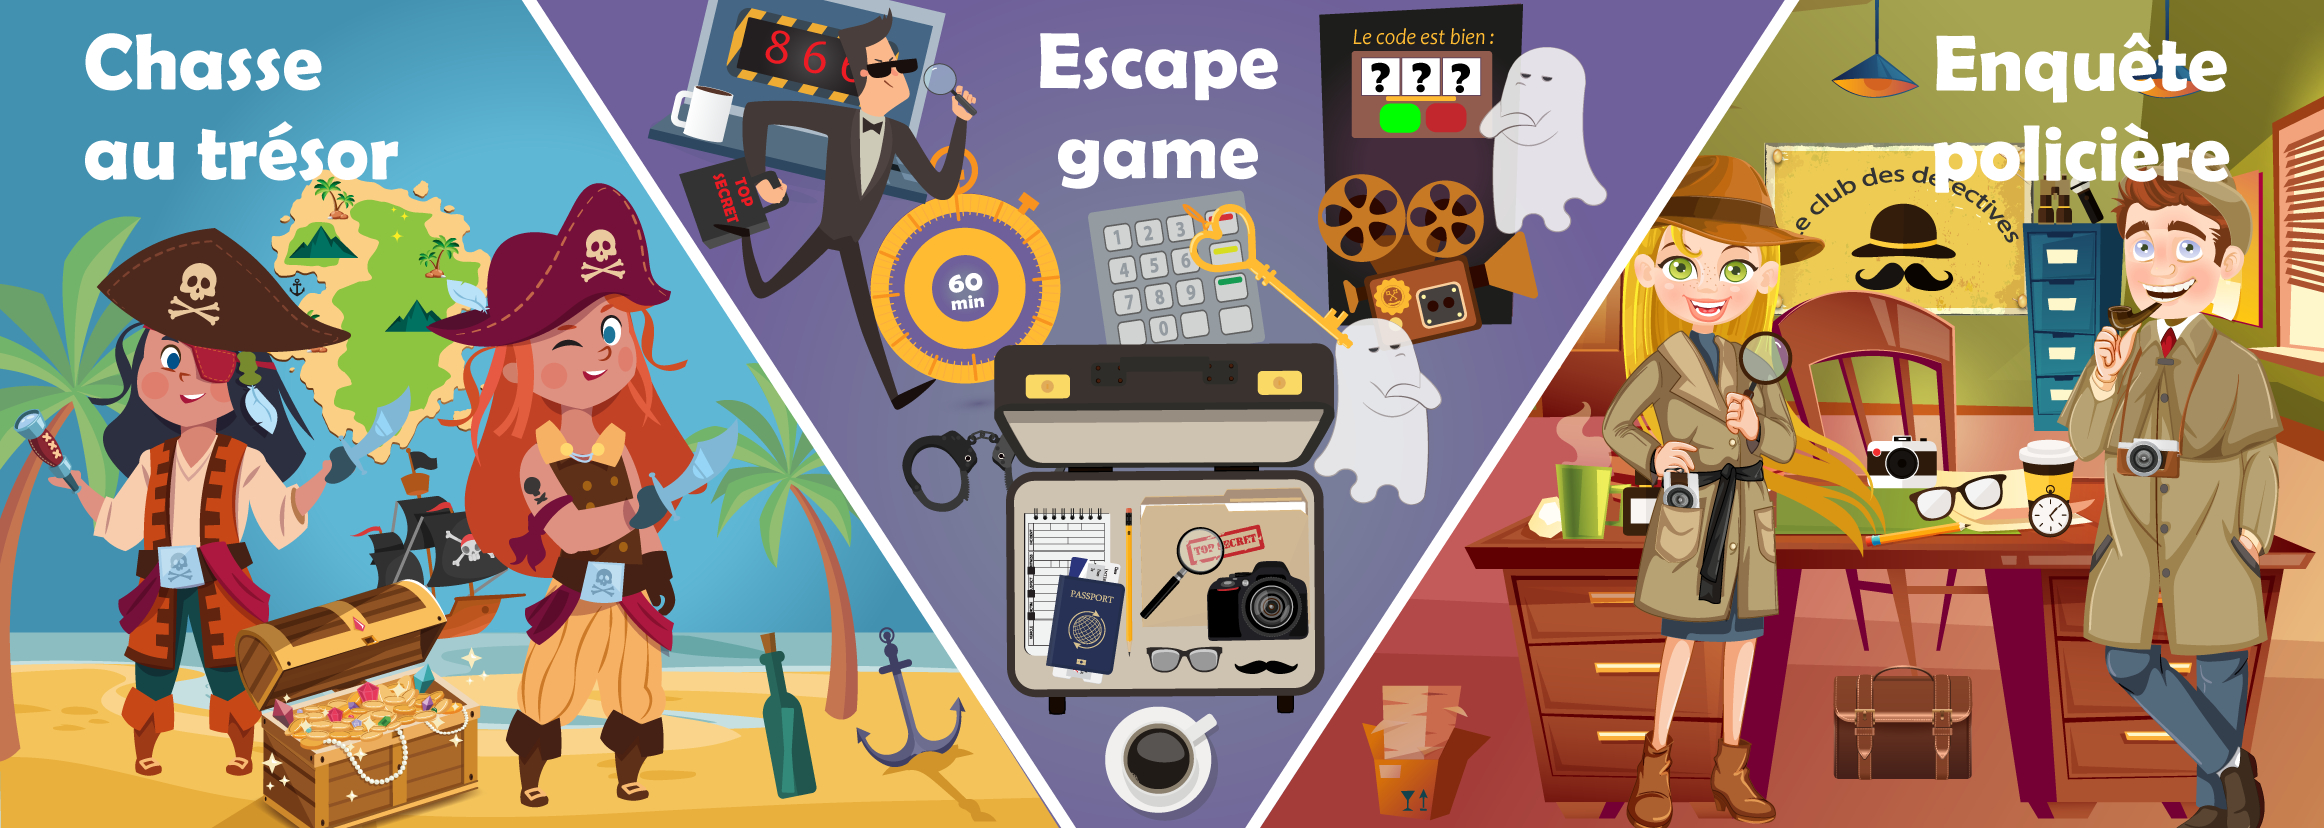 Jeux À Imprimer Ludiques Pour Les Enfants De 4 À 10 Ans intérieur Jeux Garcon 6 Ans Gratuit